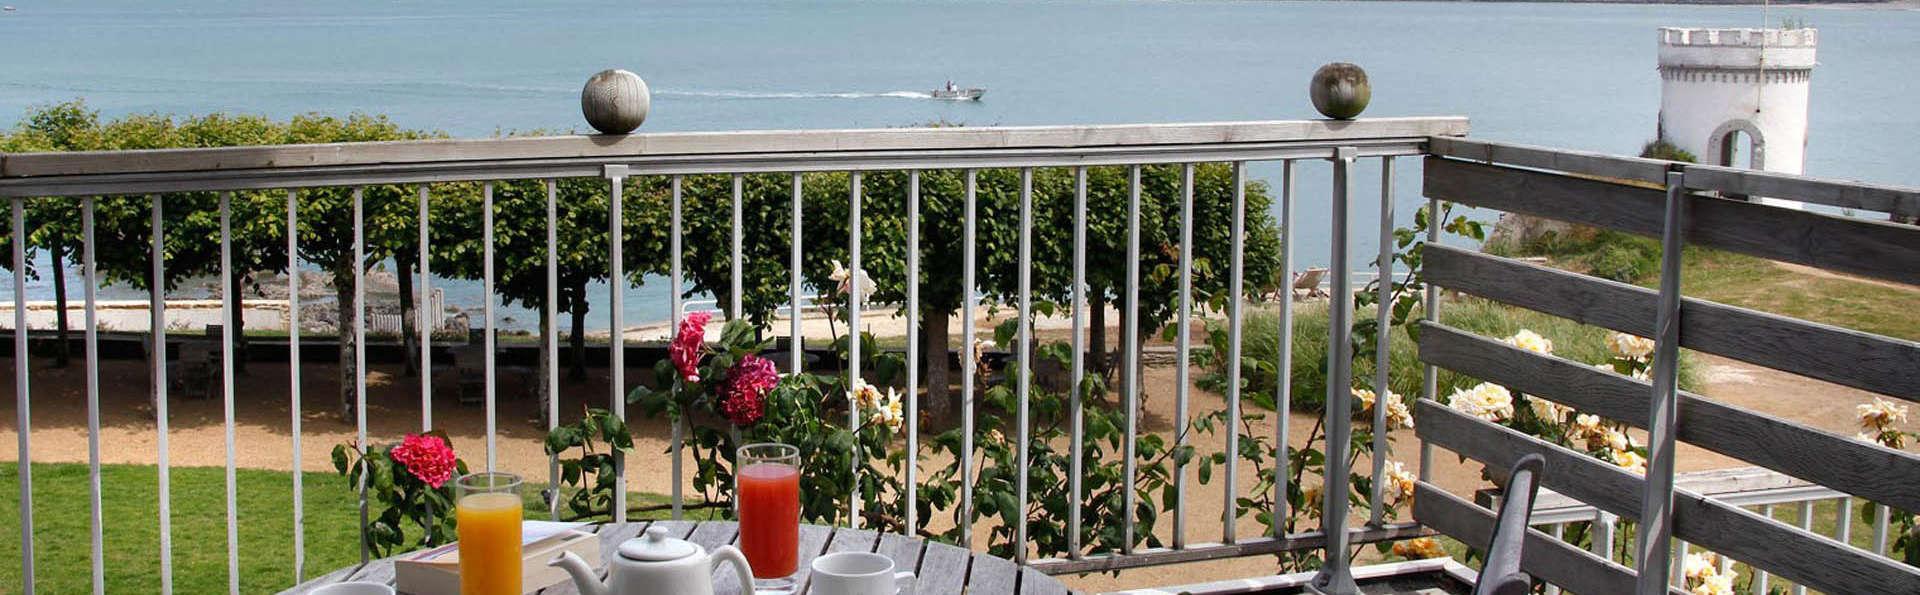 Le Grand Hôtel des Bains Locquirec (Relais du Silence) - Edit_terrace3.jpg